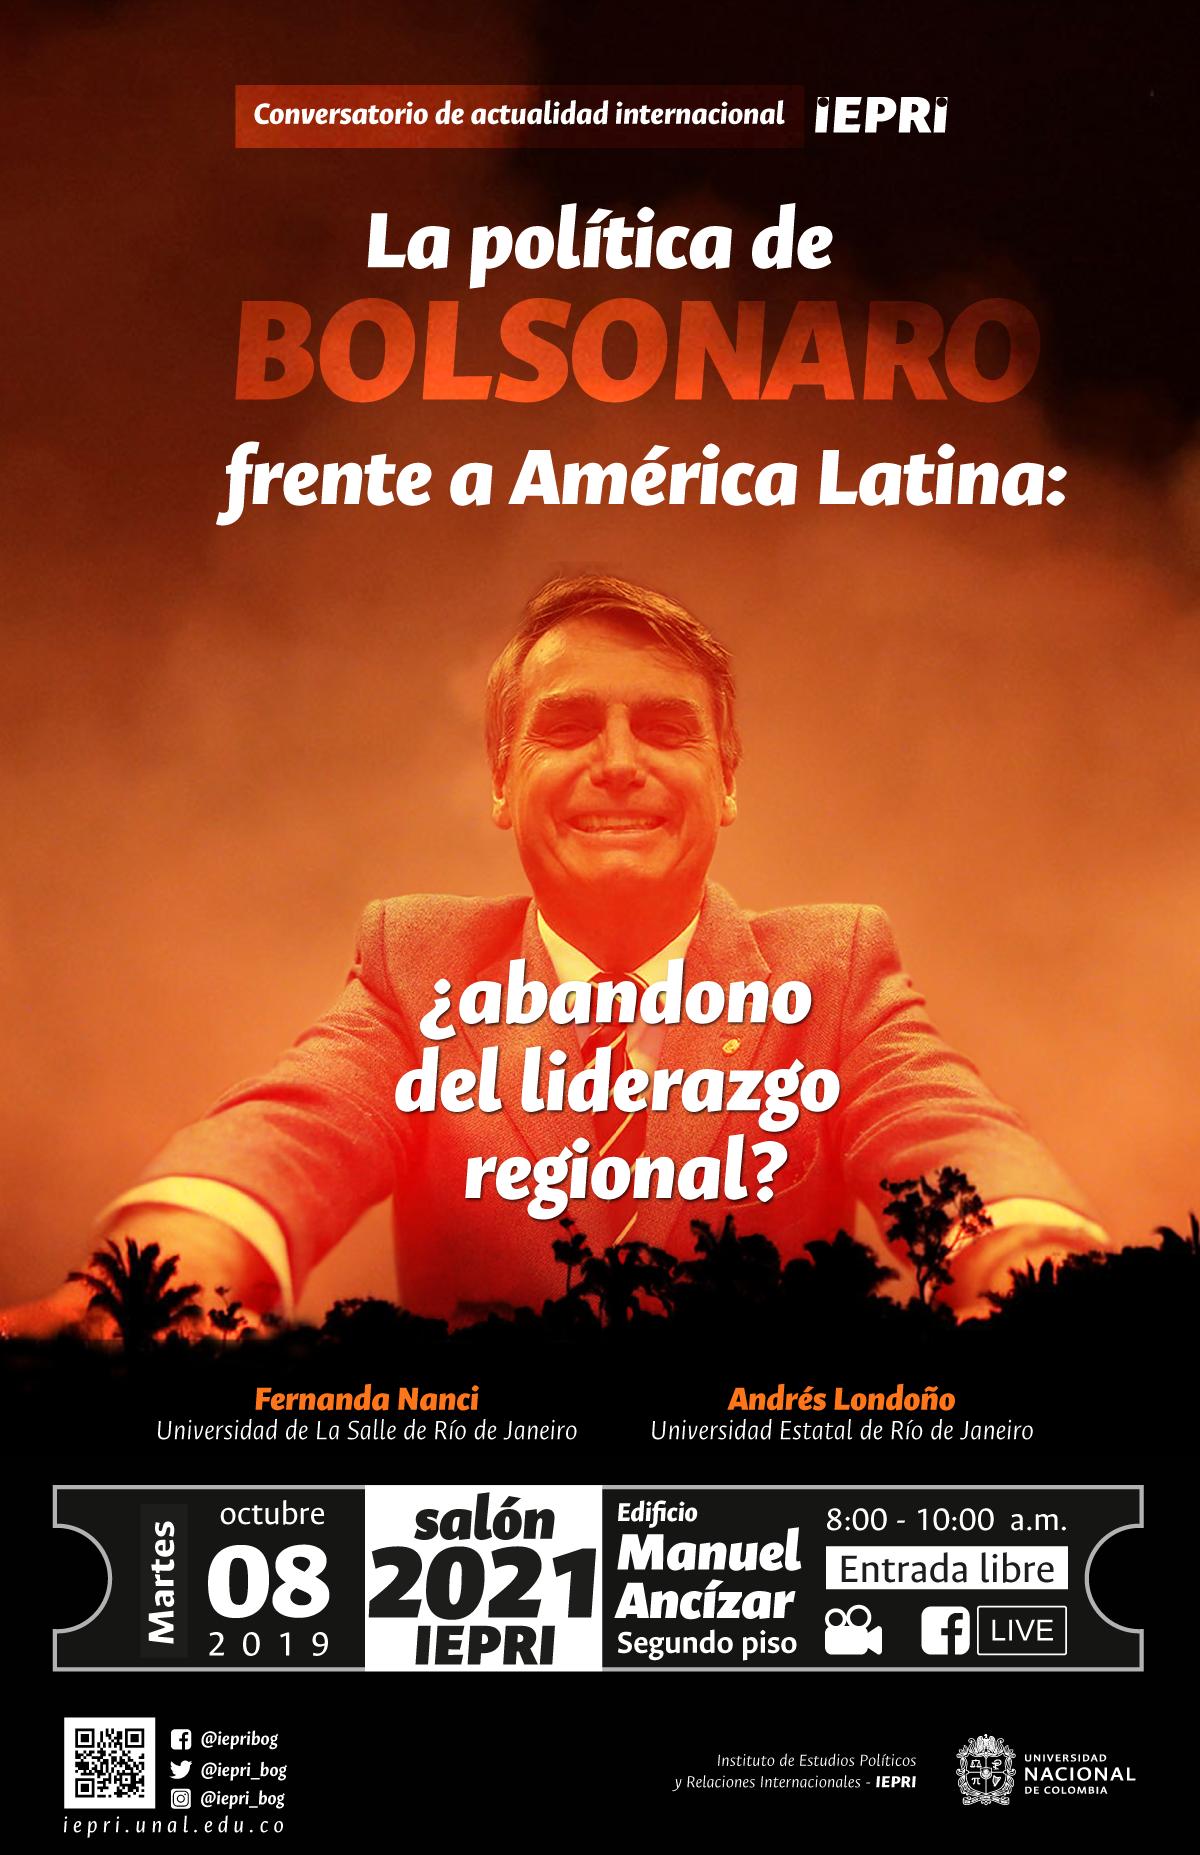 Conversatorio de actualidad internacional IEPRI: «La política de Bolsonaro frente a América Latina: ¿abandono del liderazgo regional?»